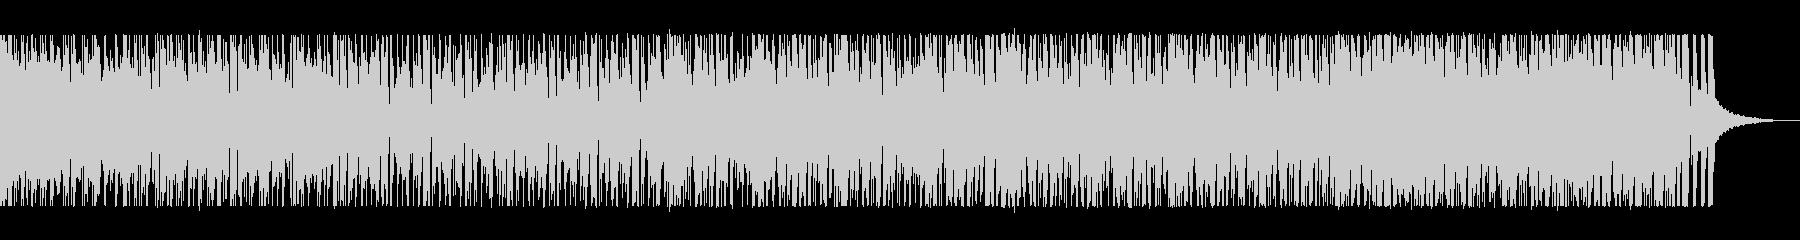 ジャズテイストのリズムに乗れるポップスの未再生の波形